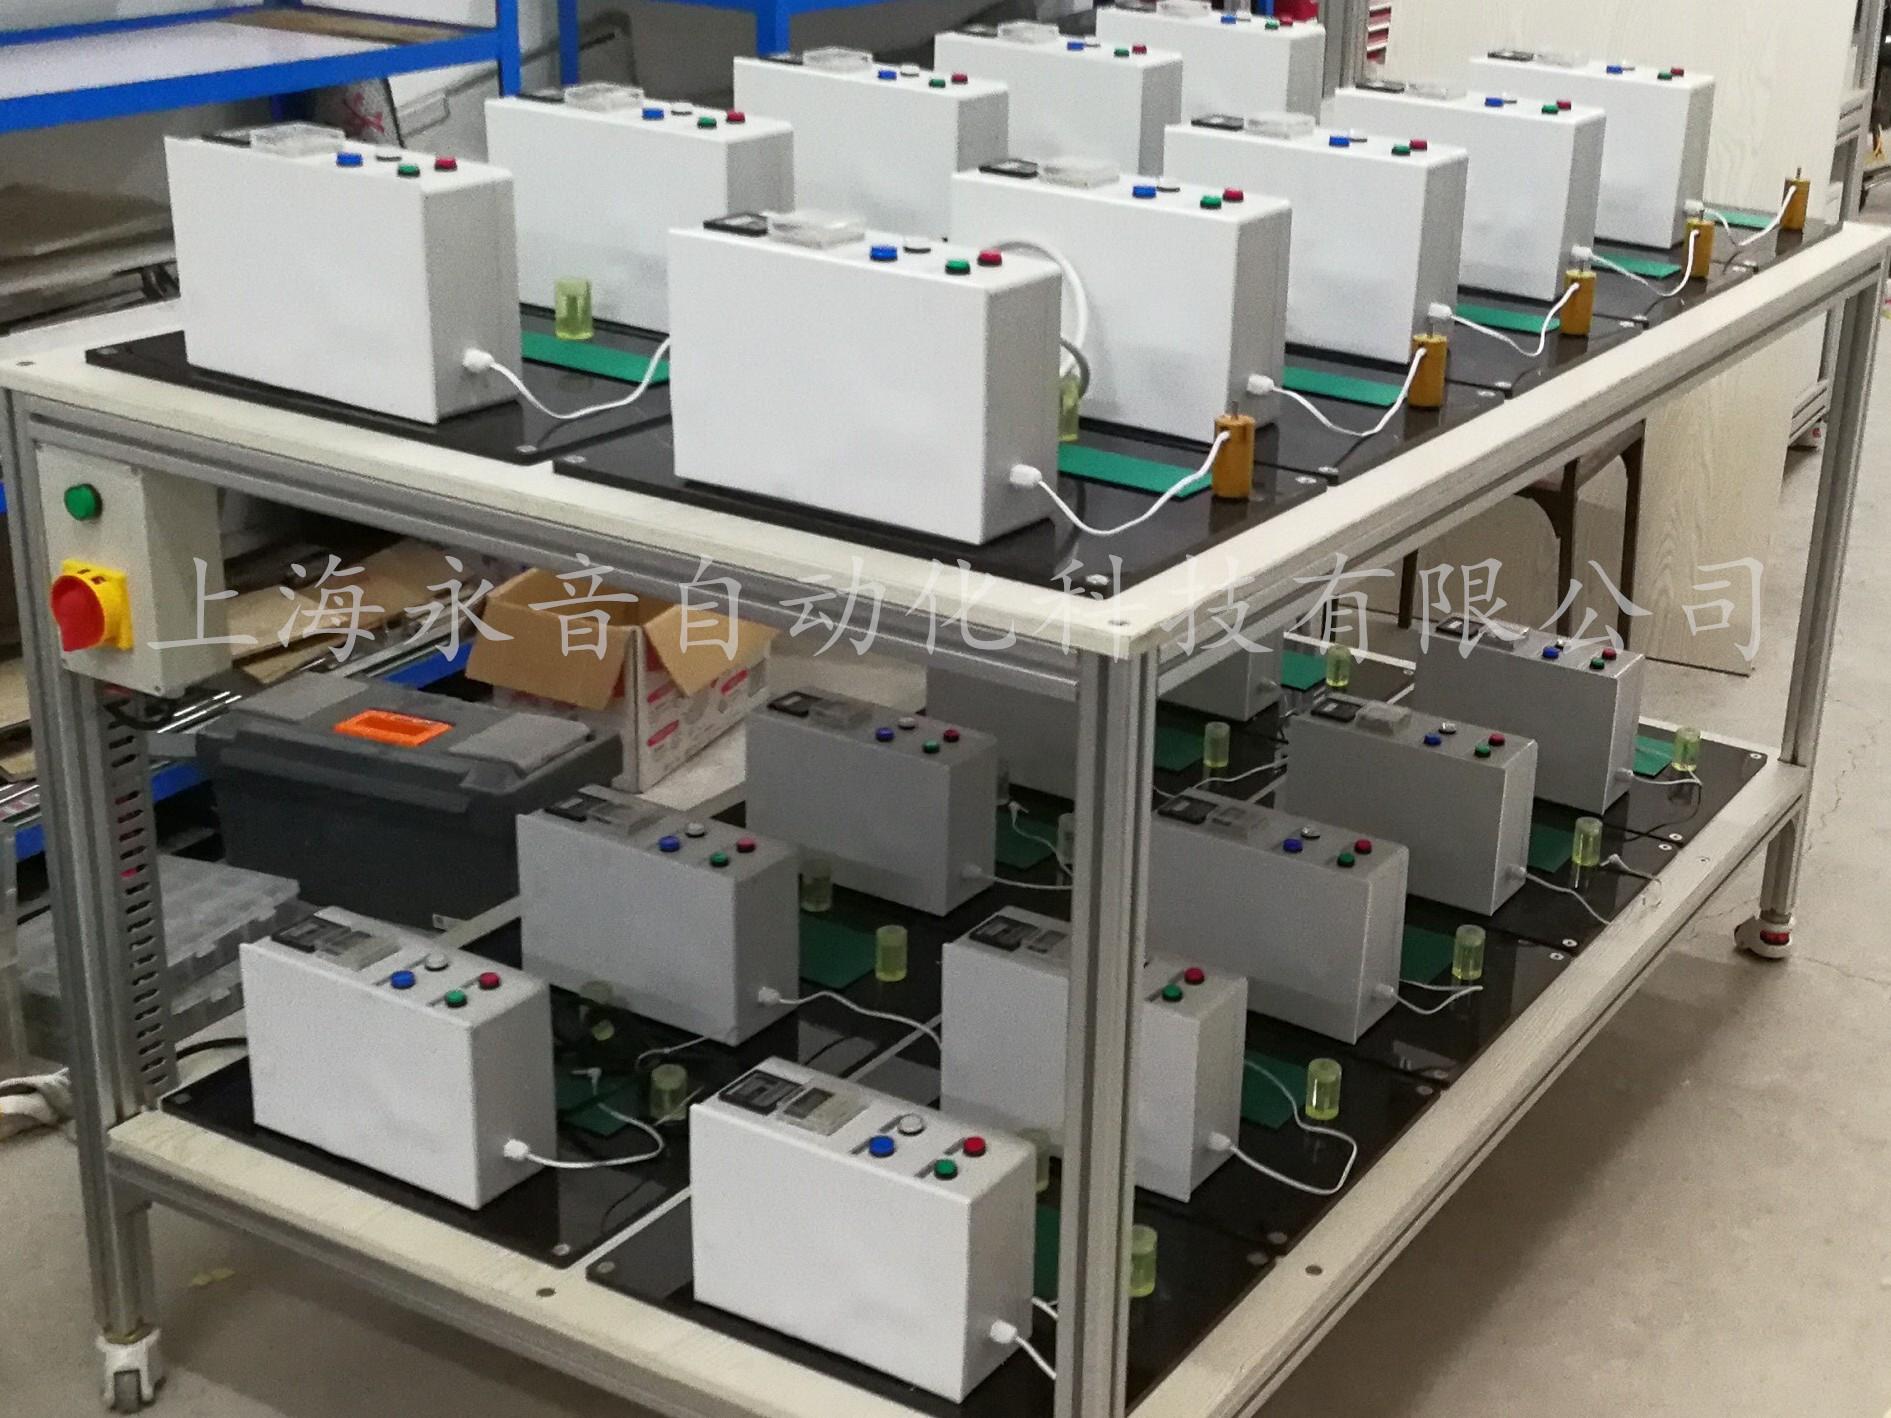 20工位電性能疲勞測試臺